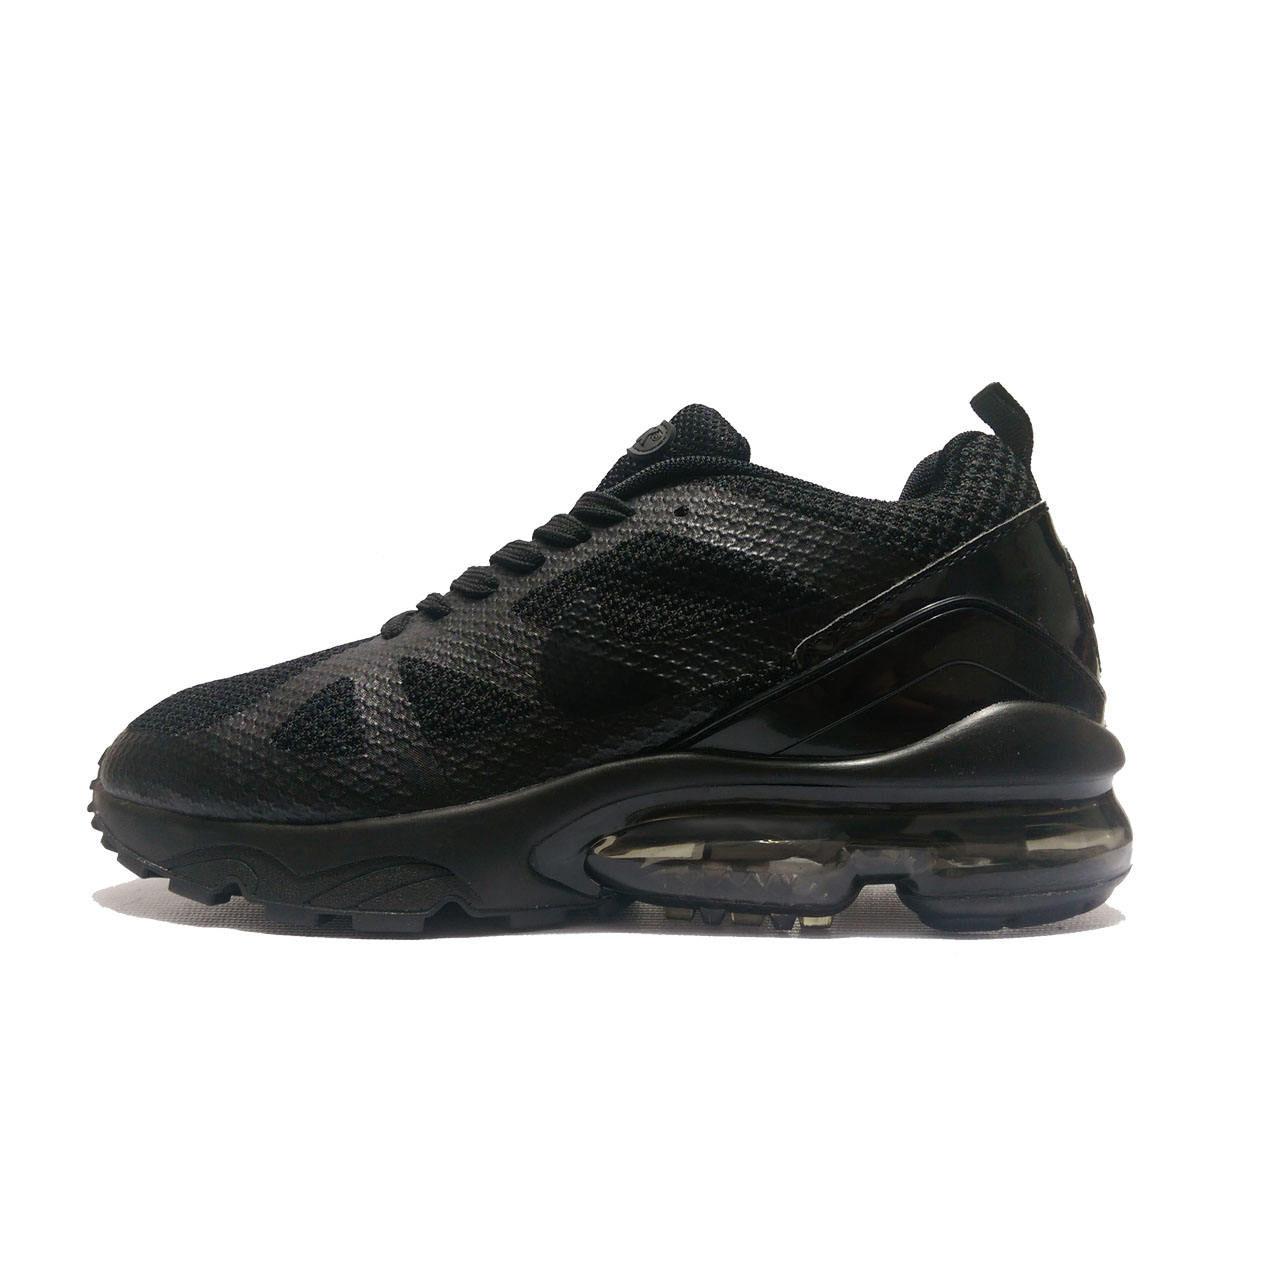 قیمت کفش مخصوص دویدن مردانه نایکی مدل Vapormax 93c